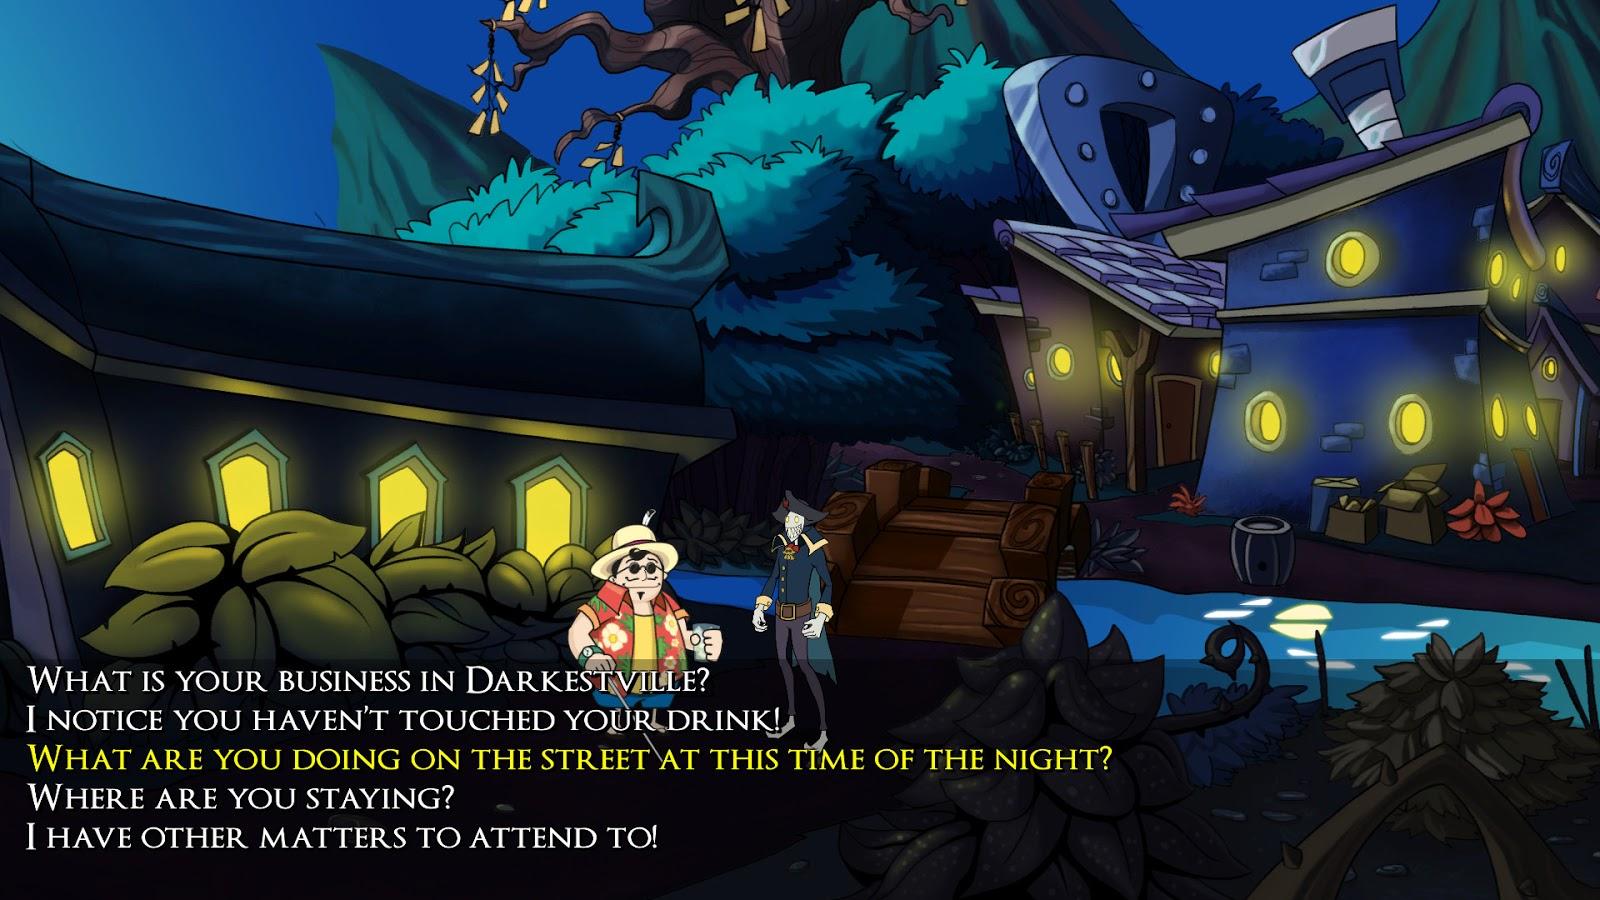 Darkestville Castle, Замок Даркествиль, инди-игра, квест, приключение, обзор, рецензия, Indie Game, Adventure, Review